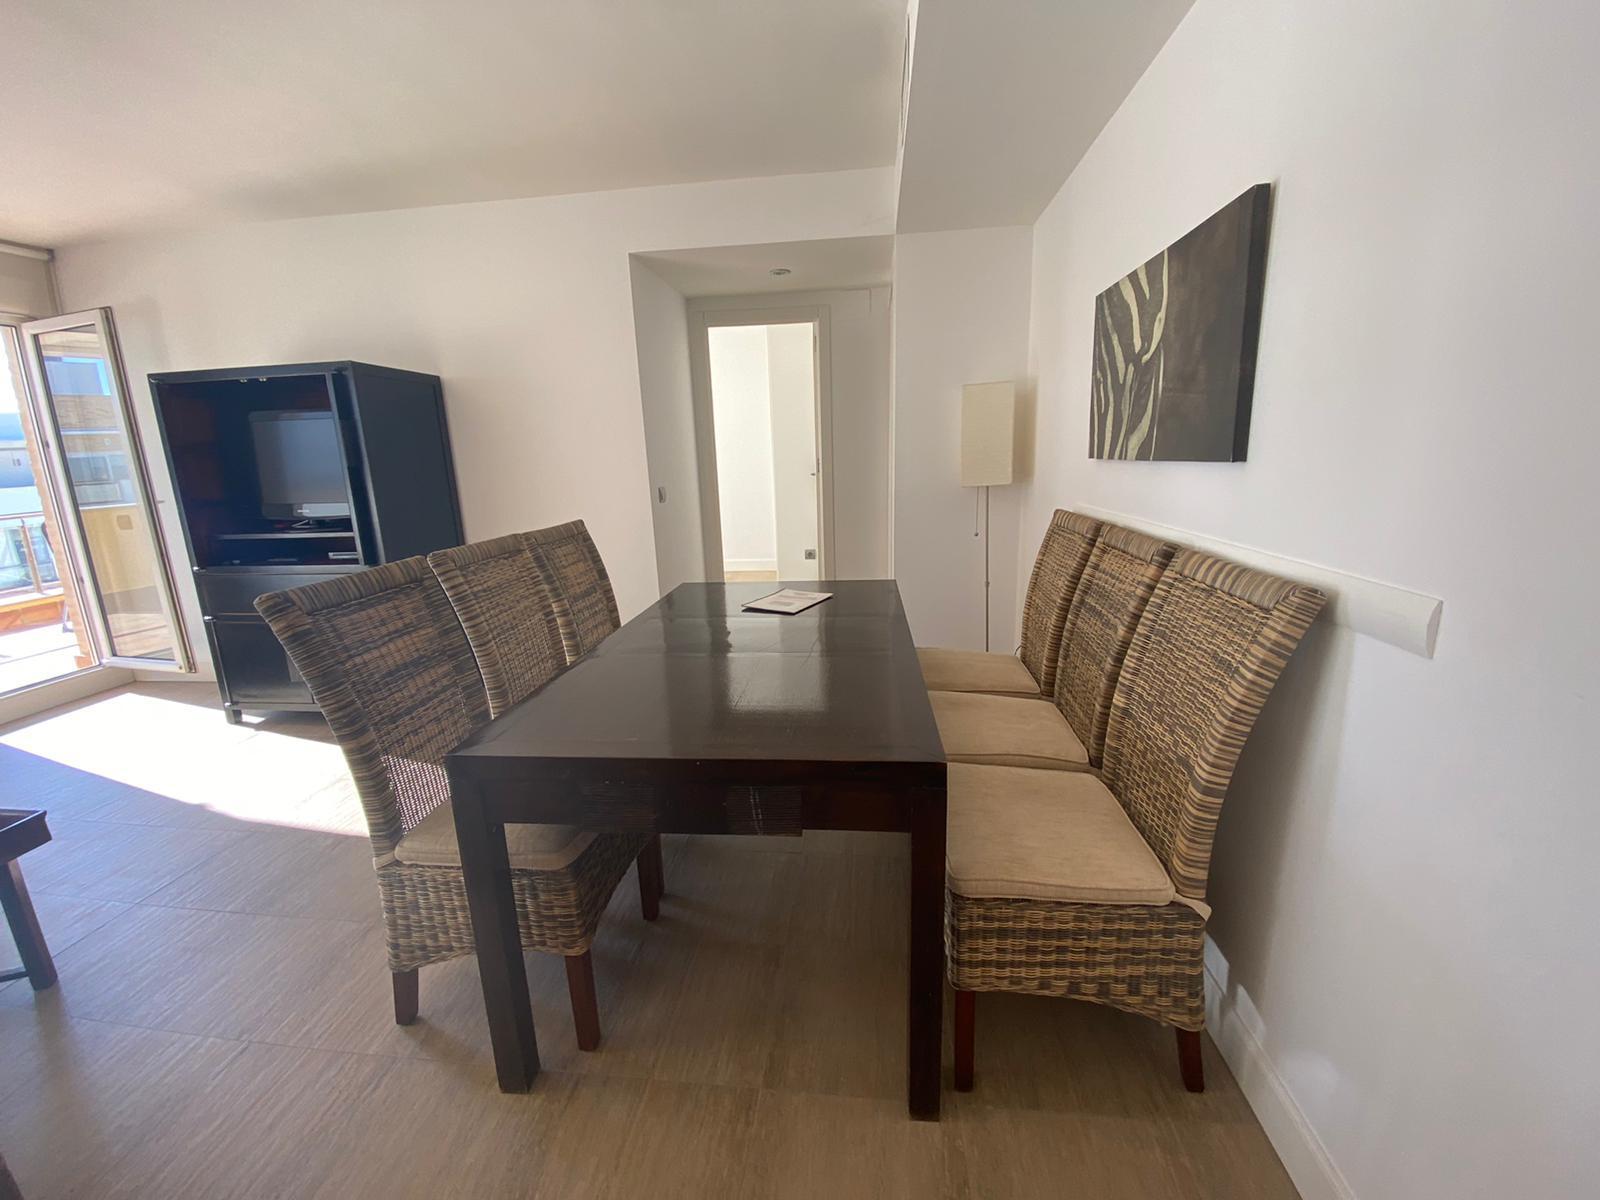 Imagen 3 del Apartamento Turístico, Ático 6 Central (3d+2b), Punta del Moral (HUELVA), Paseo de la Cruz nº22